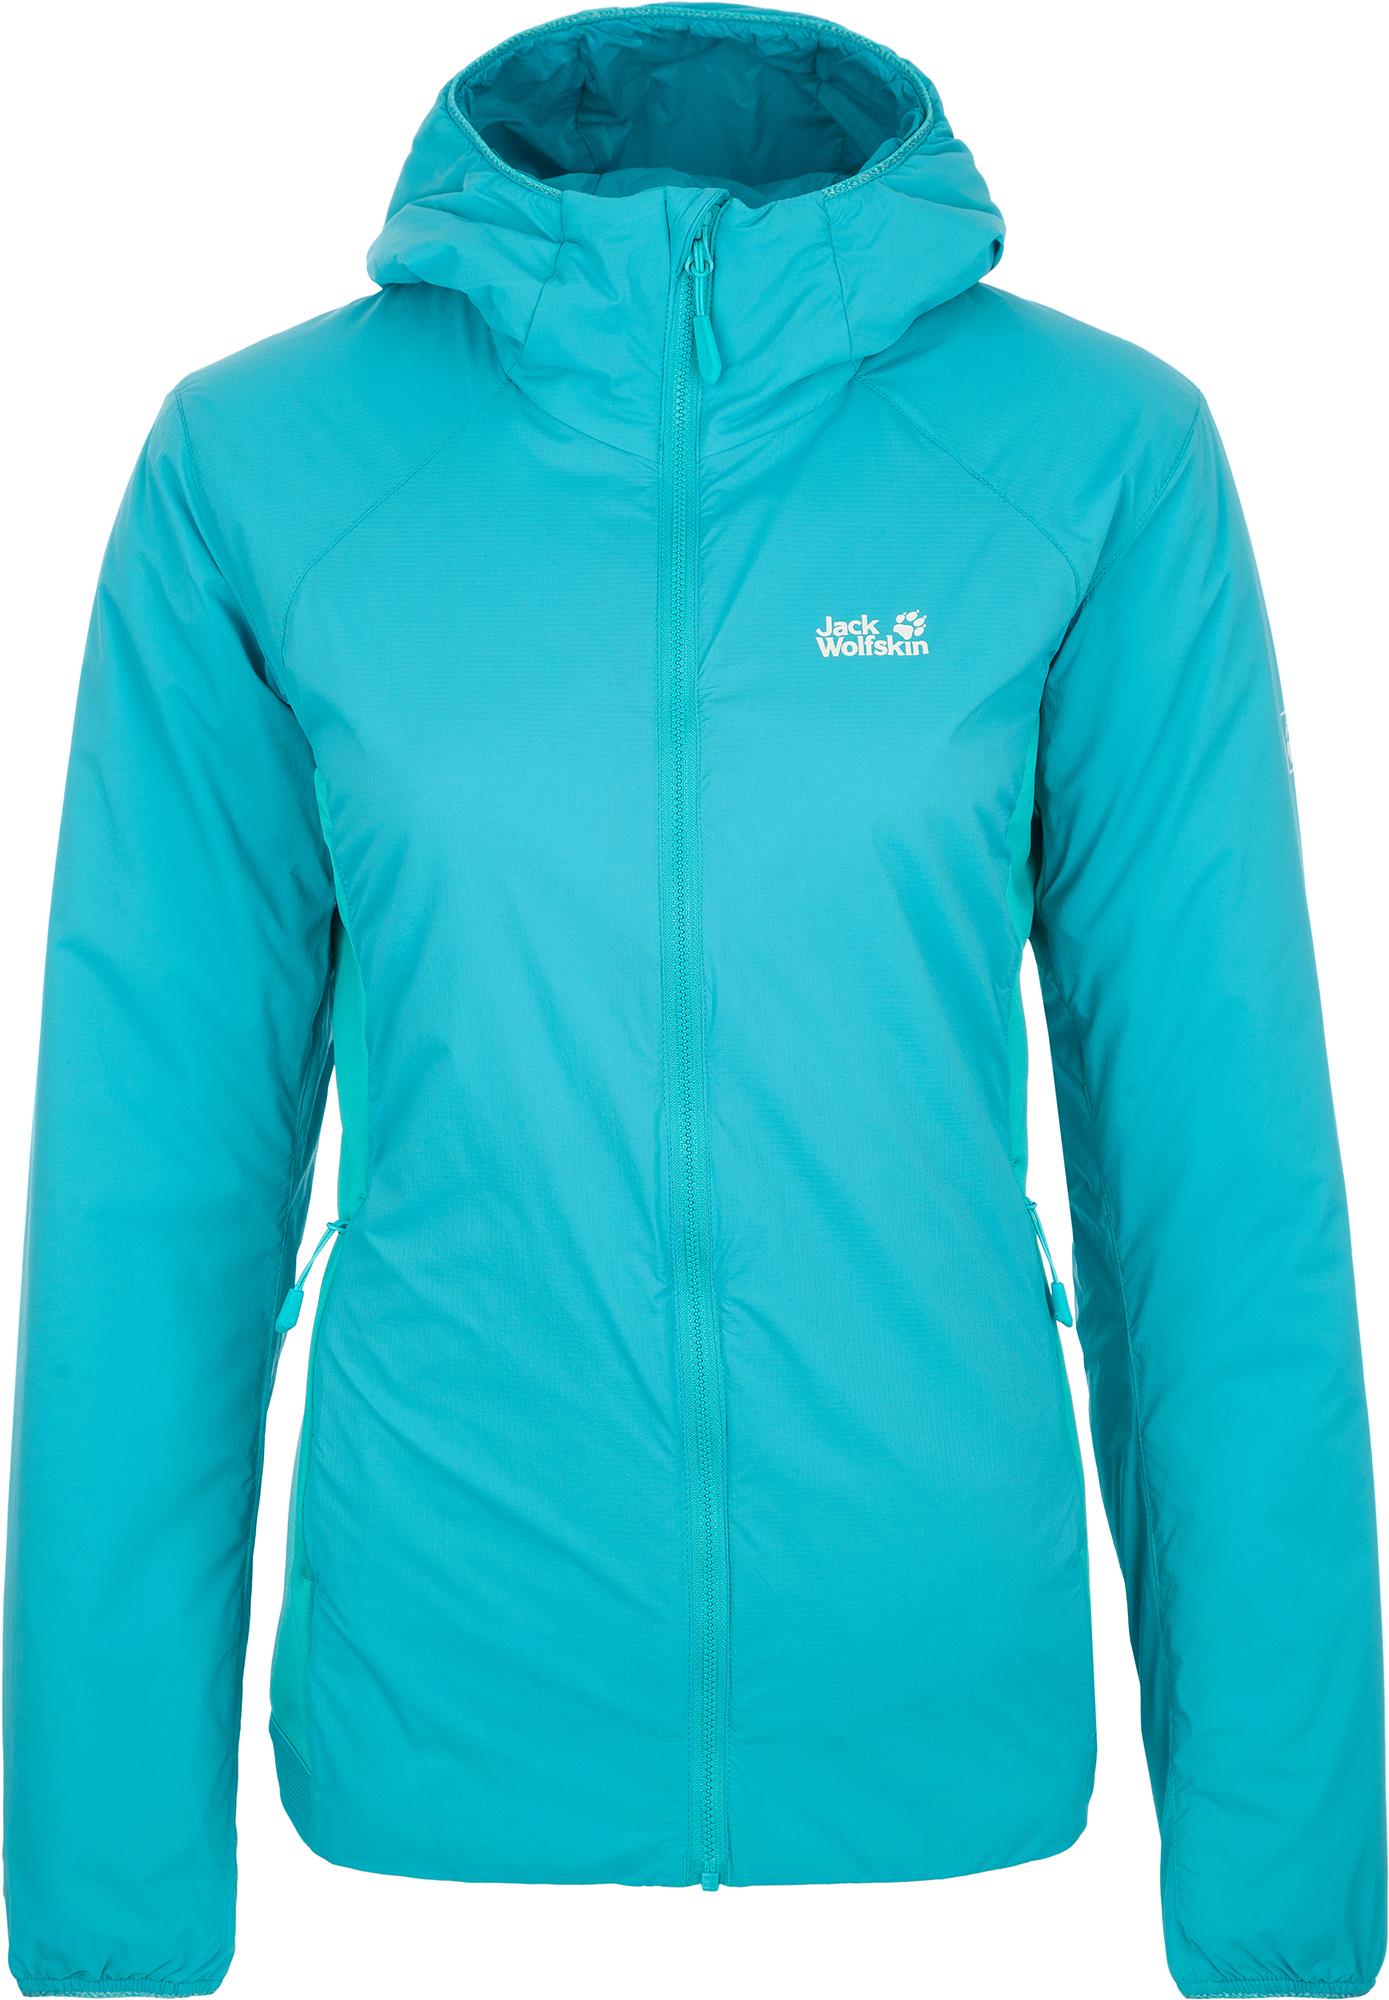 Jack Wolfskin Куртка утепленная женская JACK WOLFSKIN Opouri Peak, размер 50